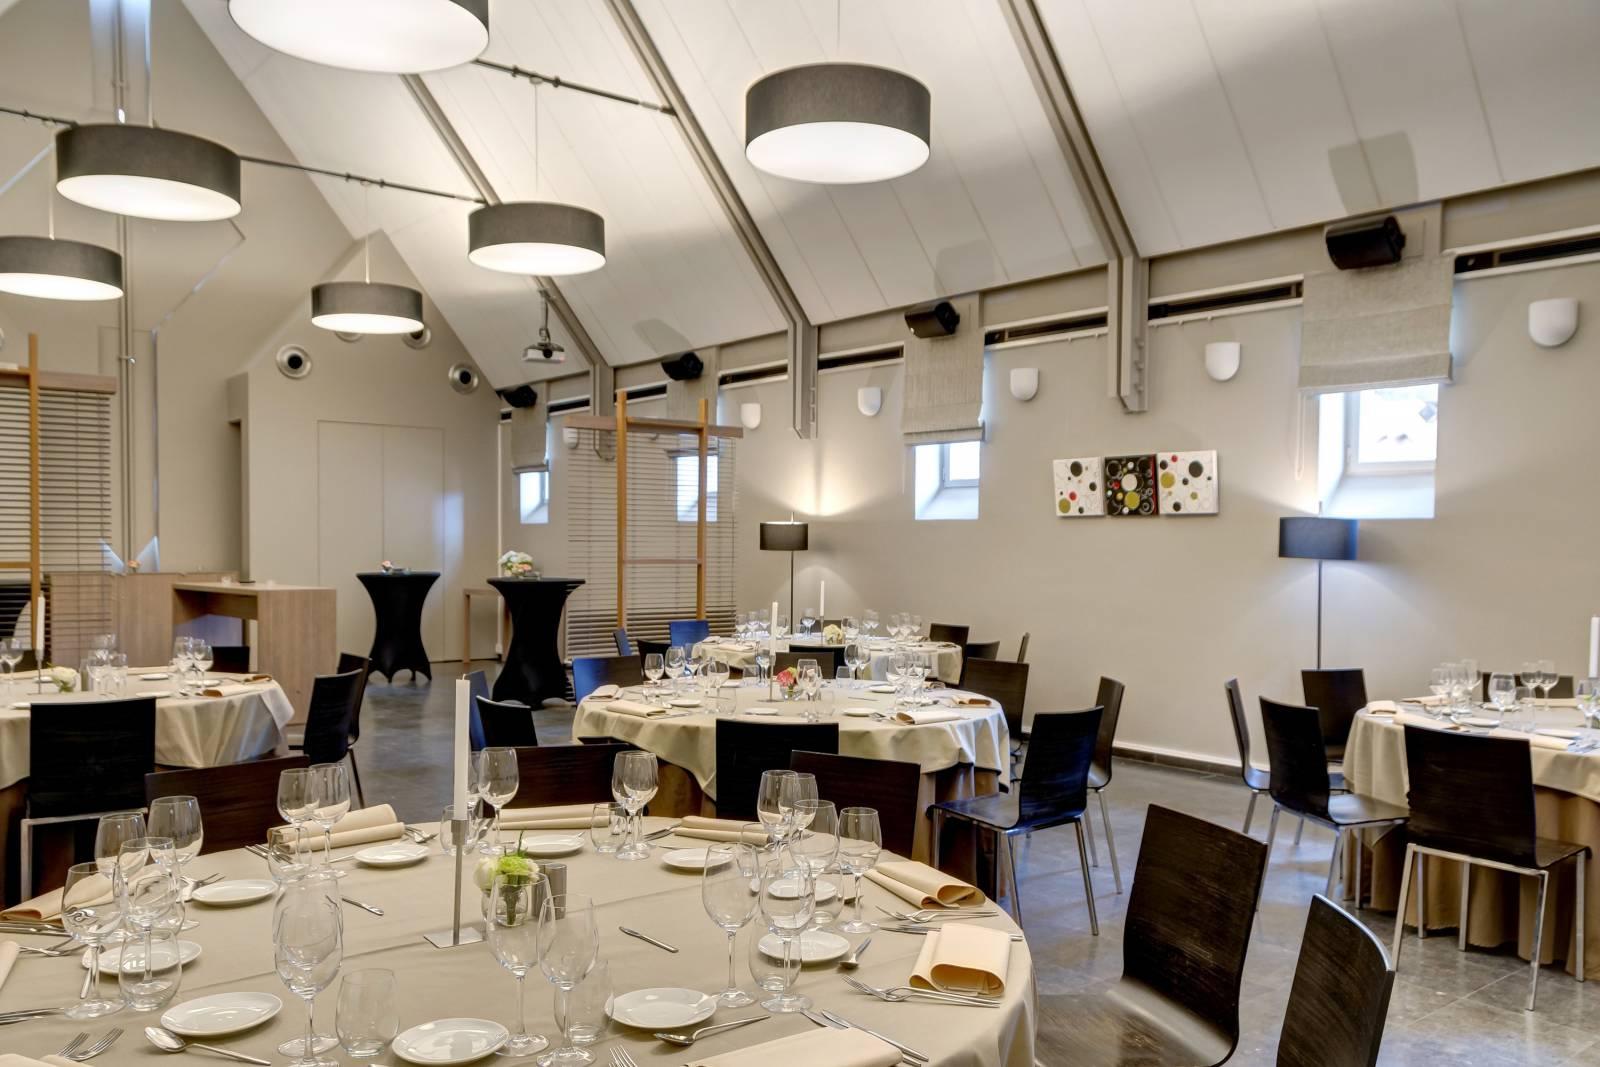 Faculty Club - Feestzaal - Feestlocatie - Rustiek - Historisch - Leuven (Vlaams-Brabant) - House of Events - 59